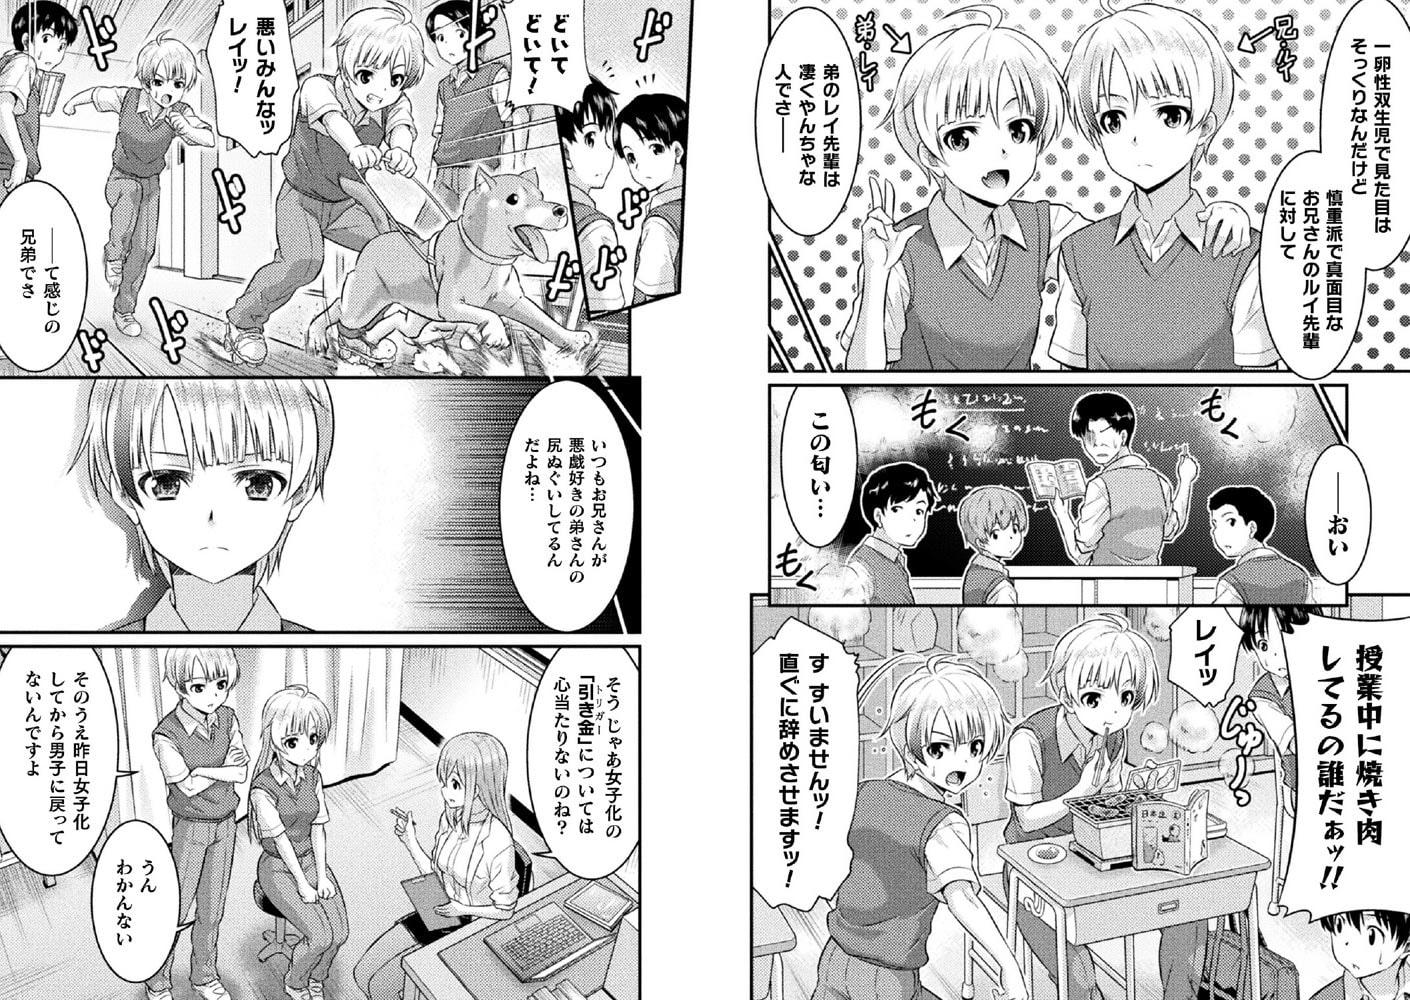 【TS学園の日常 第5話】サンプル画像3